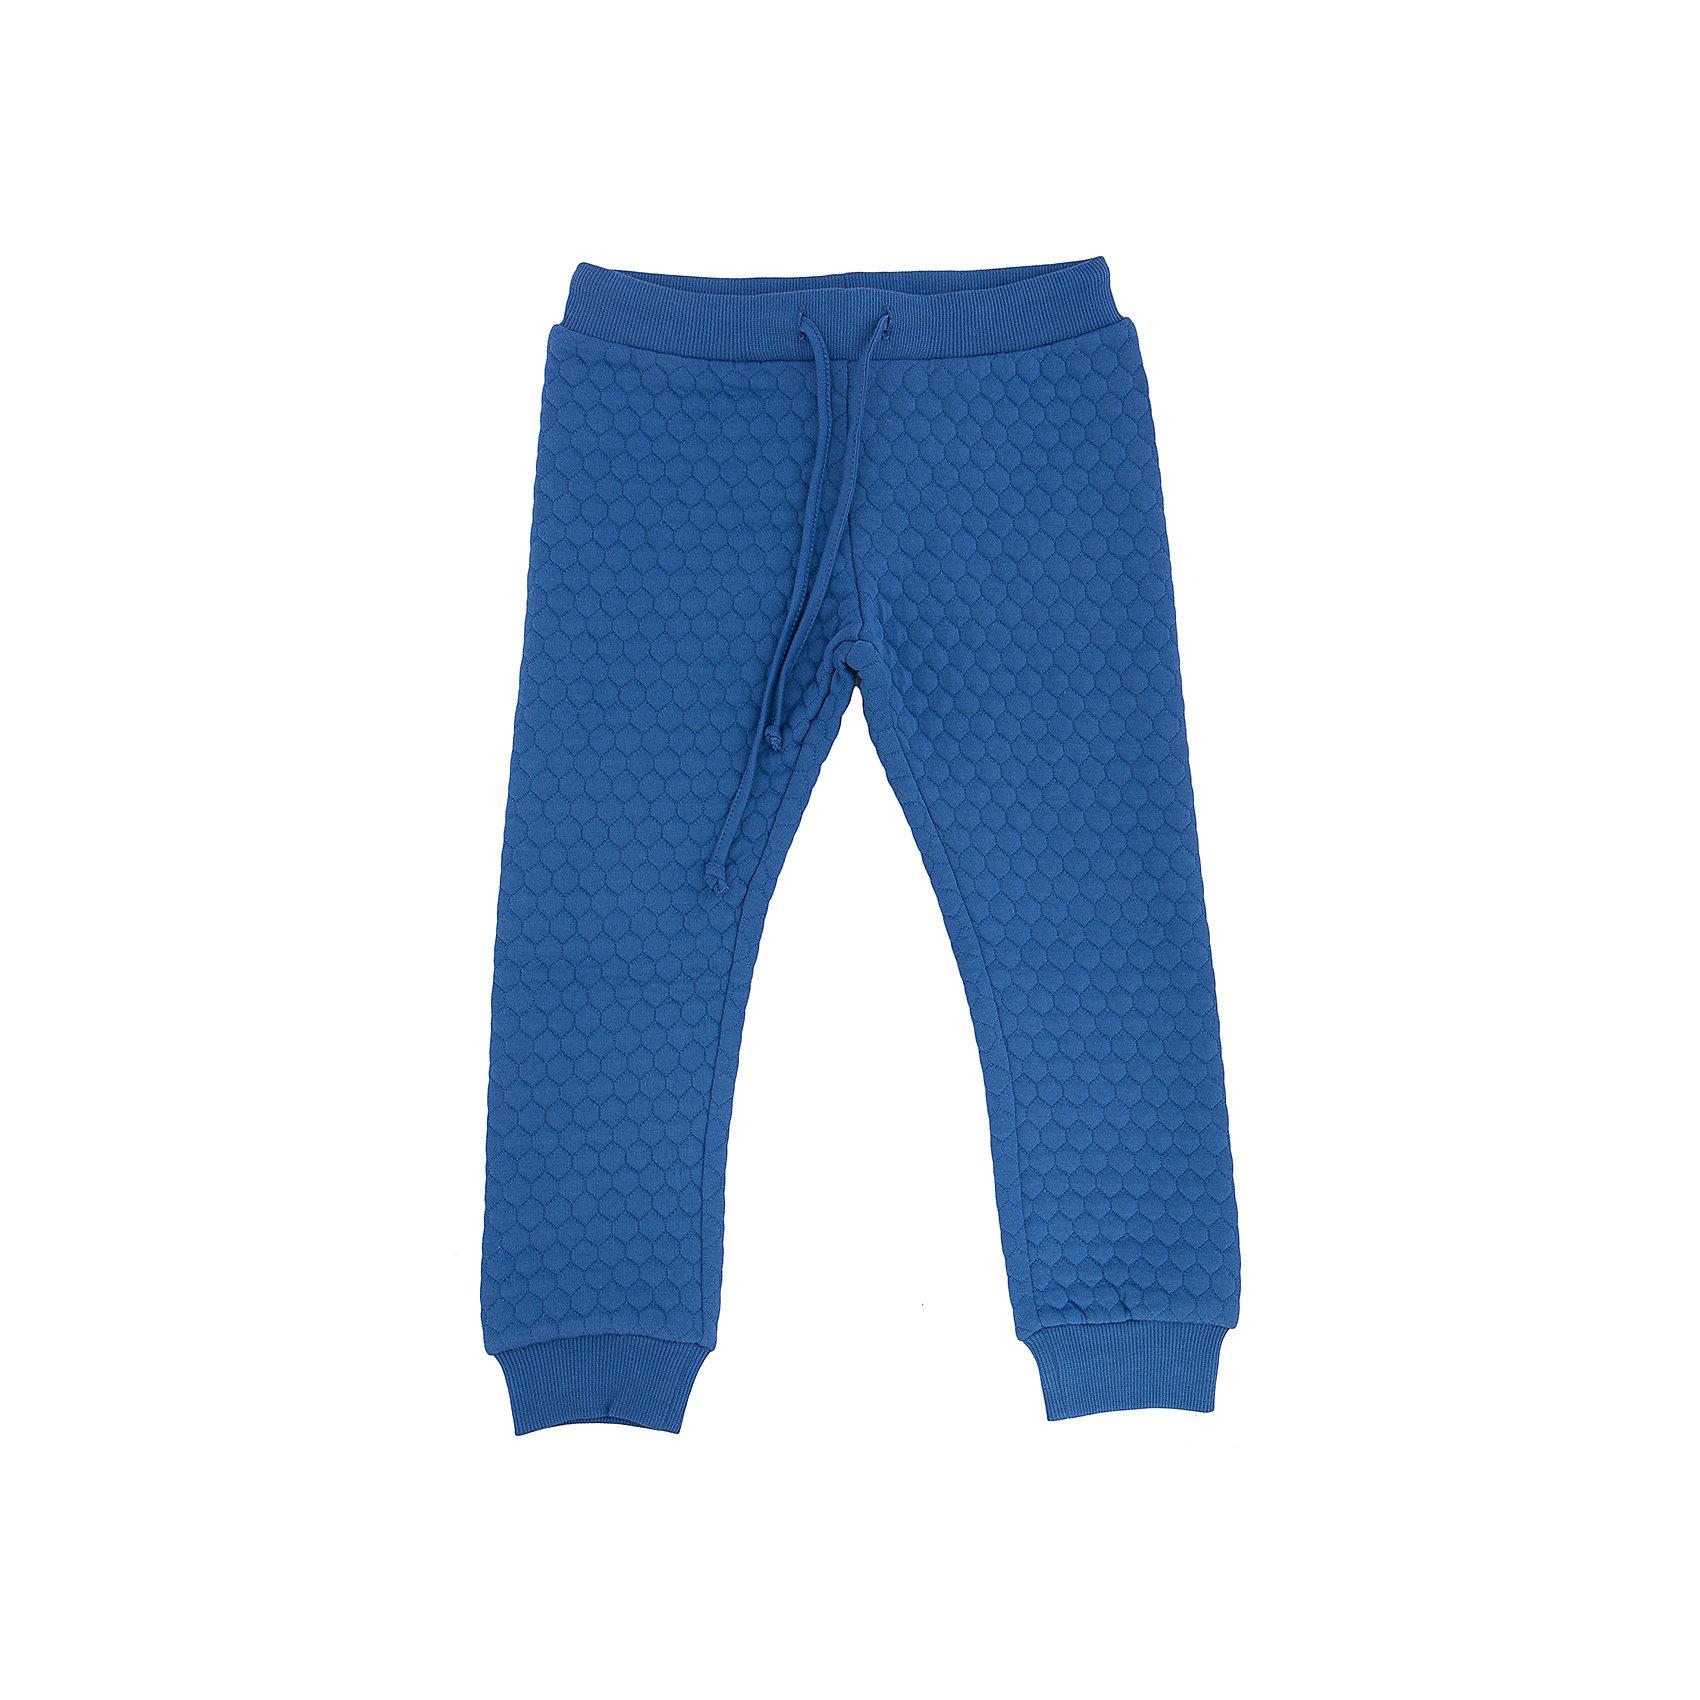 Брюки для девочки SELAСпортивная форма<br>Модные, яркие брюки для Вашей девочки.<br>У брюк очень хорошая посадка, приятная на ощупь ткань и их можно комбинировать с чем угодно.<br><br>Дополнительная информация:<br><br>- Прямой крой, слегка зауженный к низу.<br>- Цвет: деним.<br>- Состав: 50% хлопок, 40% ПЭ, 10% эластан.<br>- Бренд: SELA<br><br>Купить брюки для девочки от SELA можно в нашем магазине.<br><br>Ширина мм: 215<br>Глубина мм: 88<br>Высота мм: 191<br>Вес г: 336<br>Цвет: синий<br>Возраст от месяцев: 36<br>Возраст до месяцев: 48<br>Пол: Женский<br>Возраст: Детский<br>Размер: 104,110,116,92,98<br>SKU: 4883611